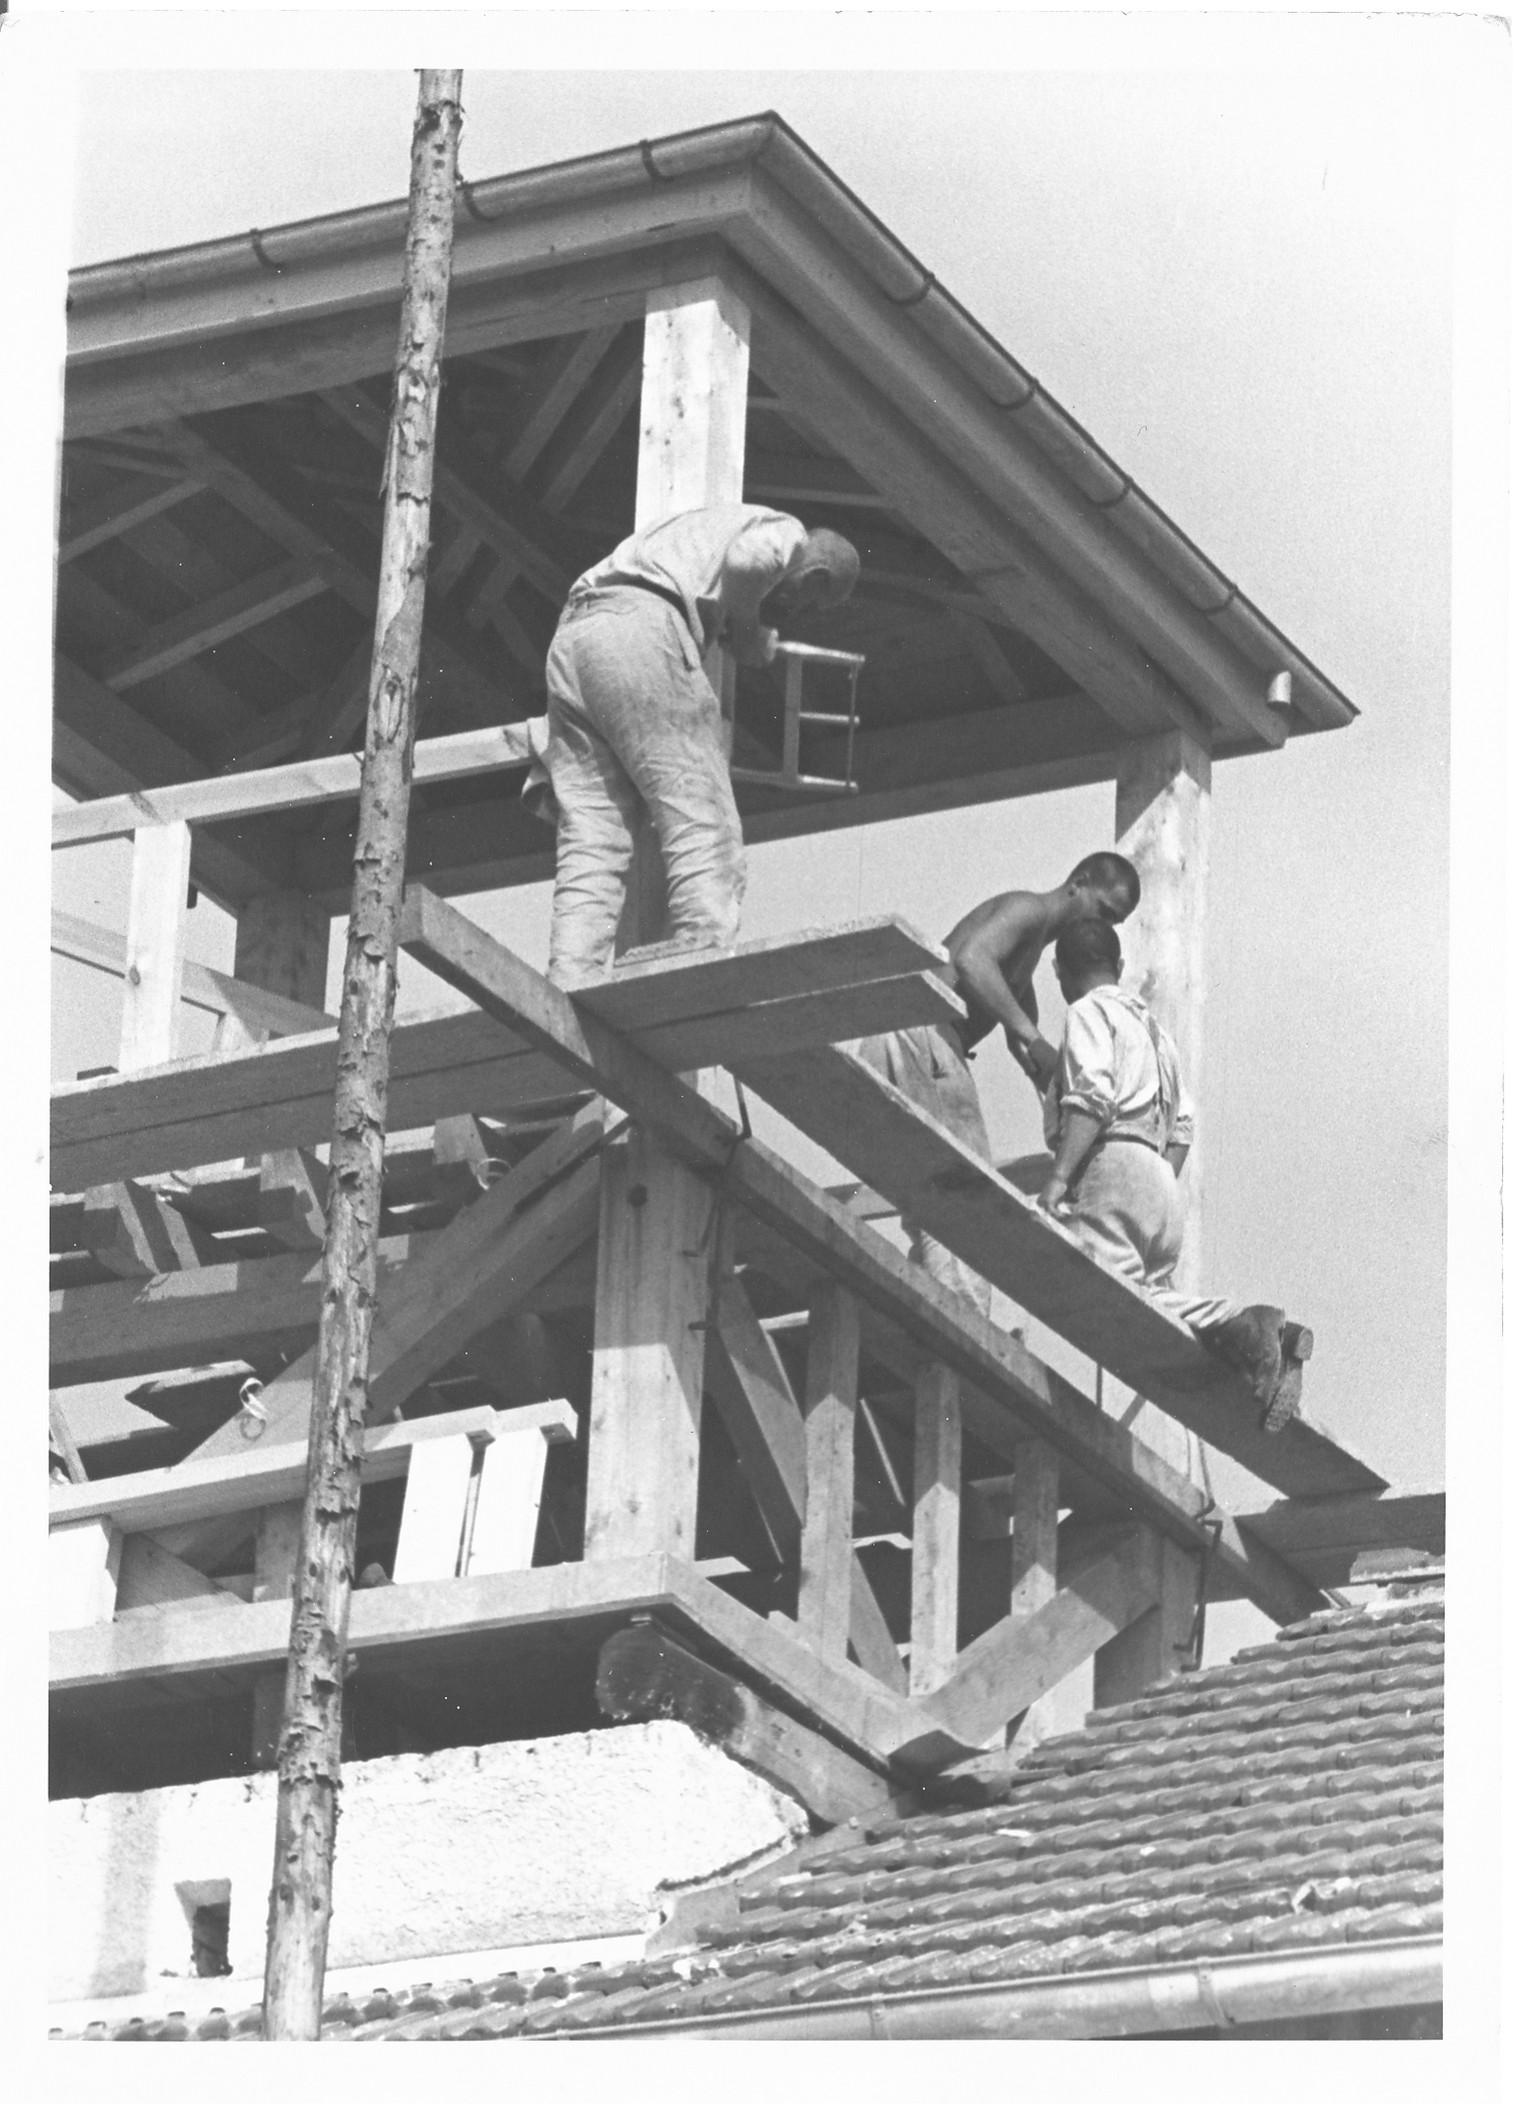 Tre detenuti che lavorano alla costruzione della torre di guardia, in legno, sul Jourhaus, immagine propaganda delle SS (Diritti di immagine: Bundesarchiv)